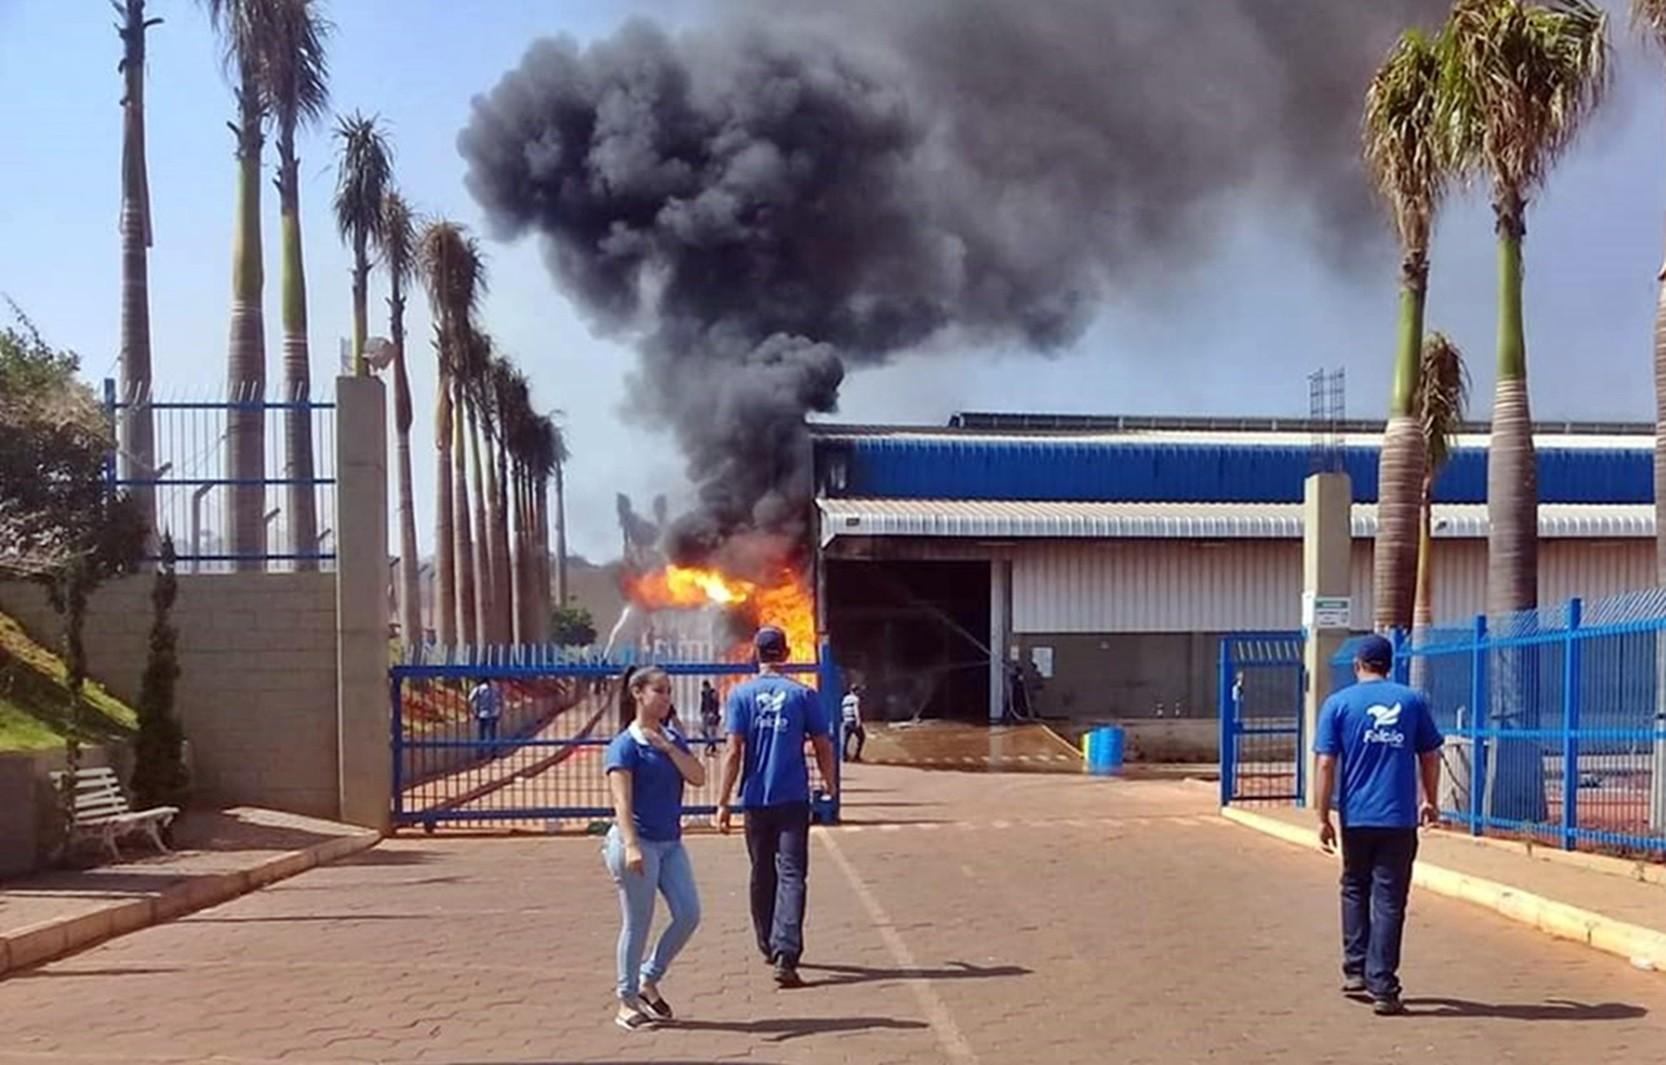 Explosão de reator provoca incêndio em fábrica de tintas em Campos Gerais, MG - Notícias - Plantão Diário